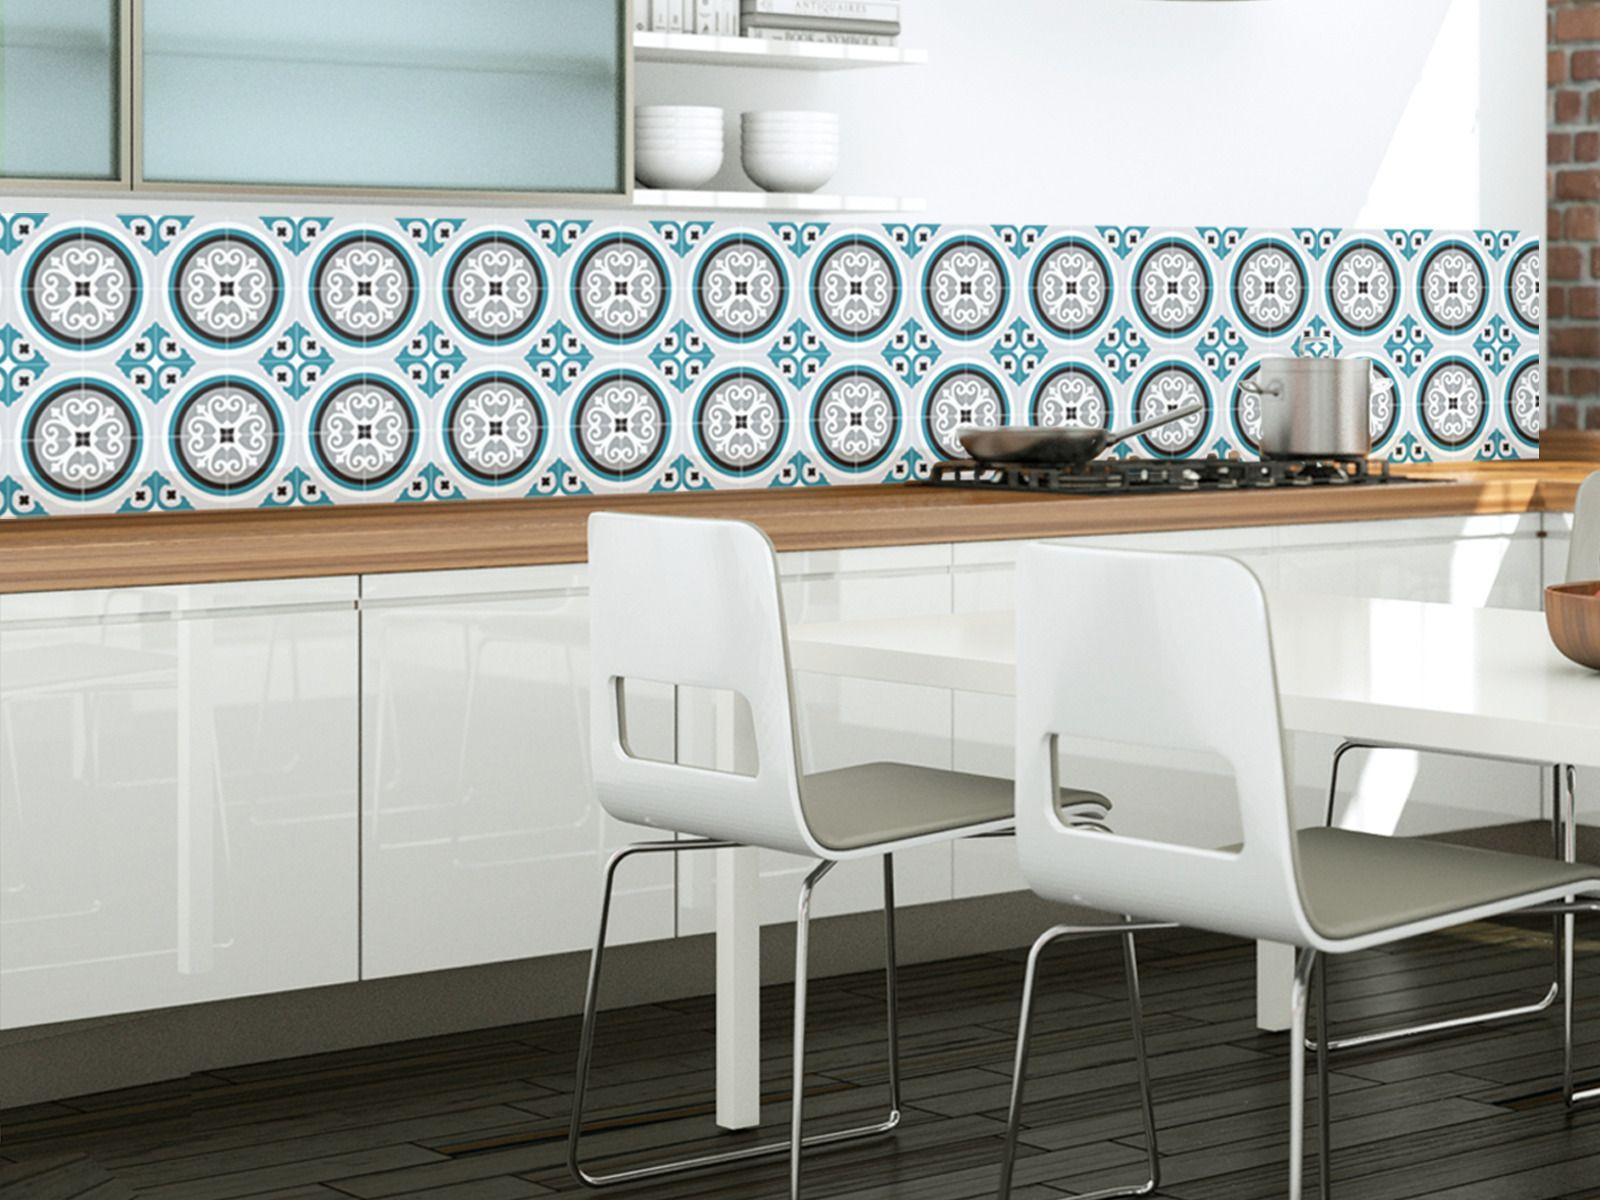 ROSACE BLEU PAON Crédence Adhésive Imperméabilisée Paon - Carrelage bleu canard pour idees de deco de cuisine